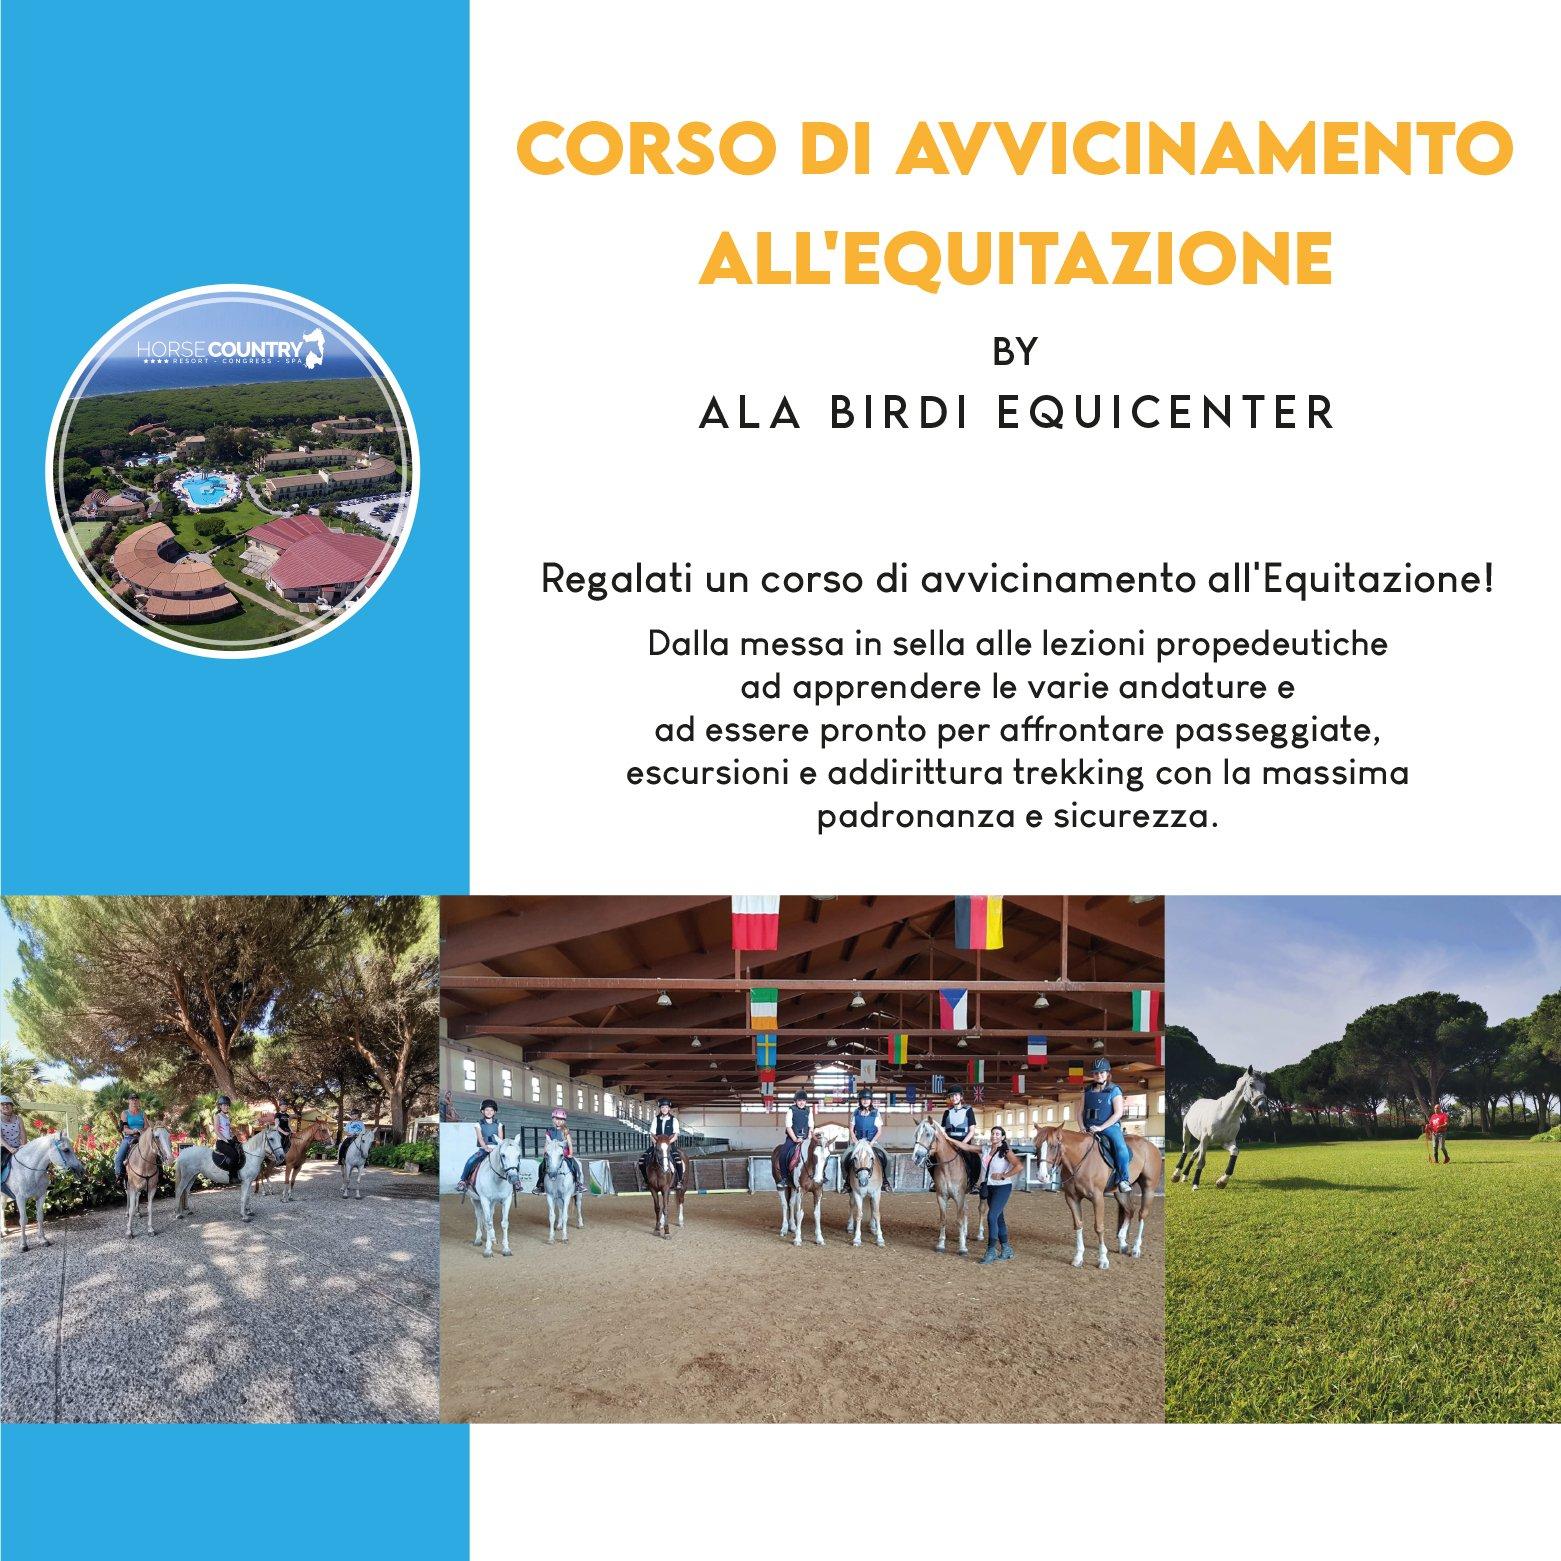 Corso di avvicinamento all'Equitazione by Ala Birdi Equicenter